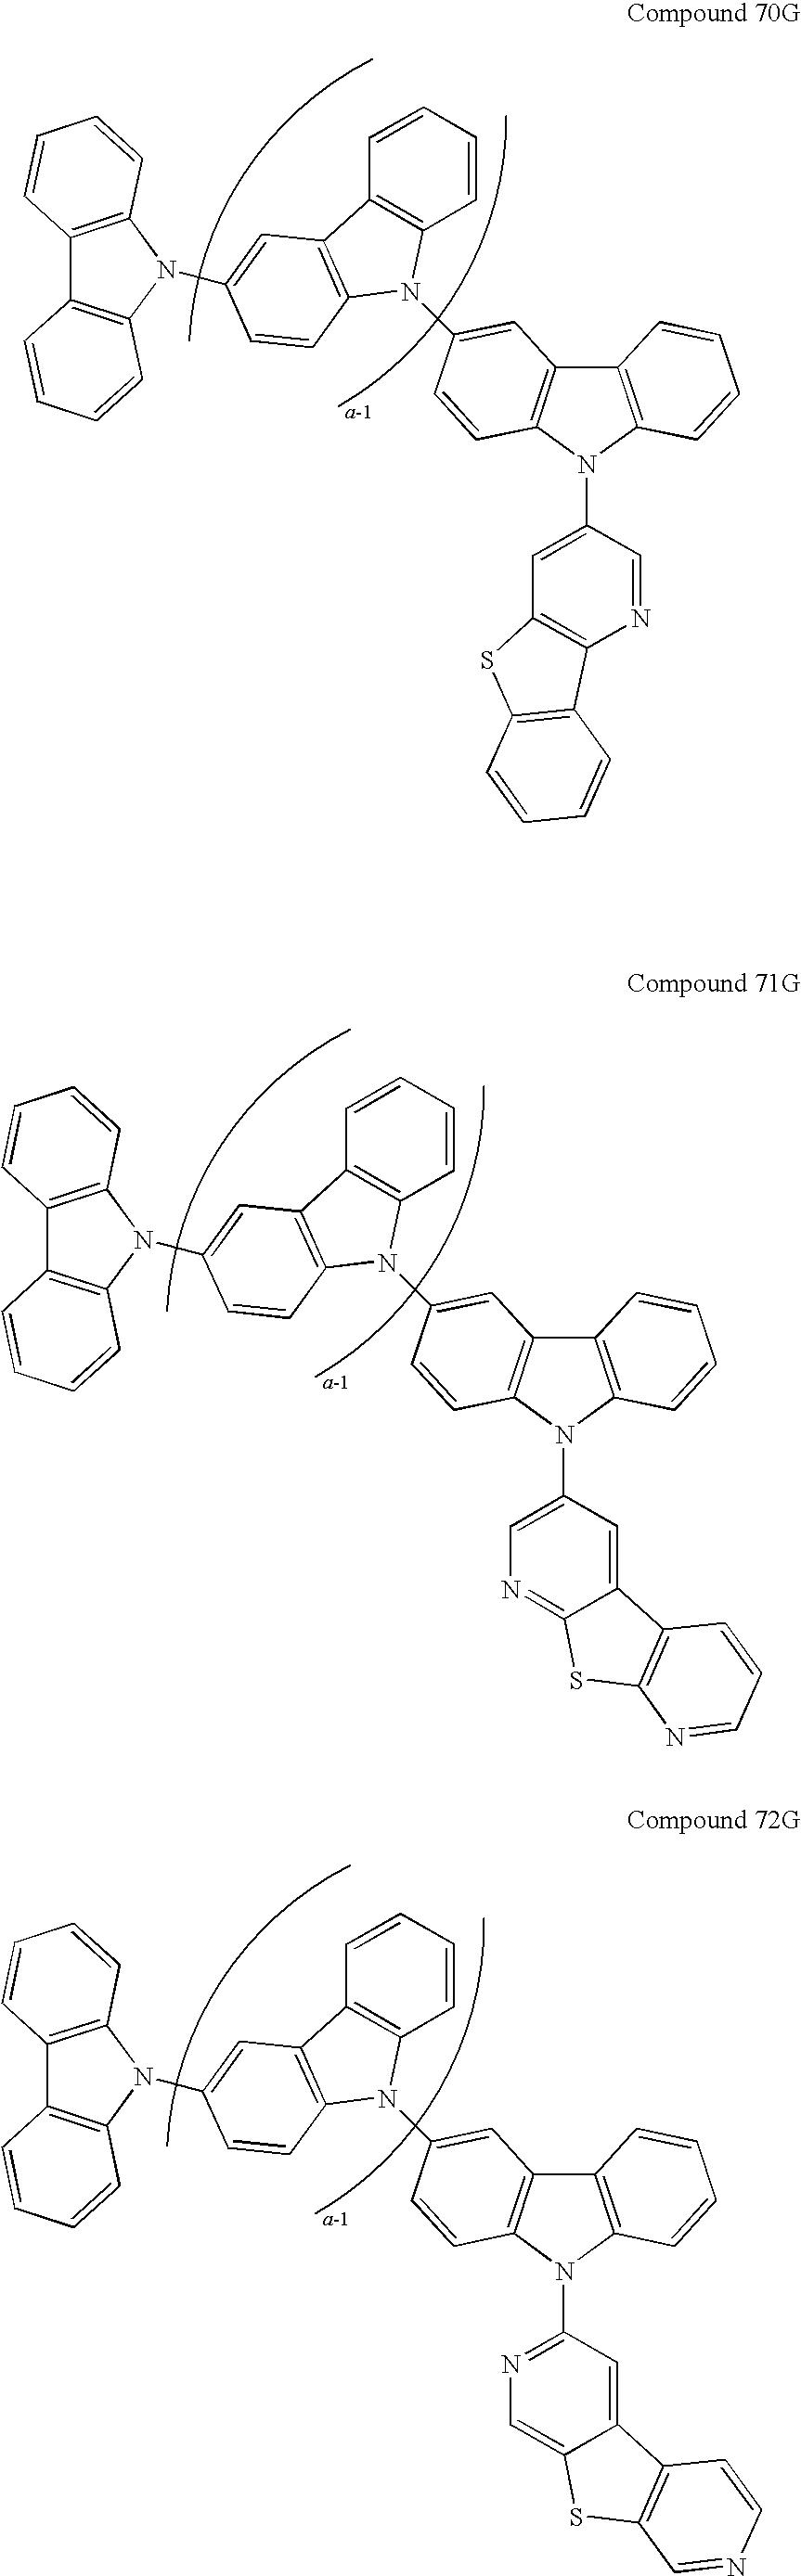 Figure US20090134784A1-20090528-C00027